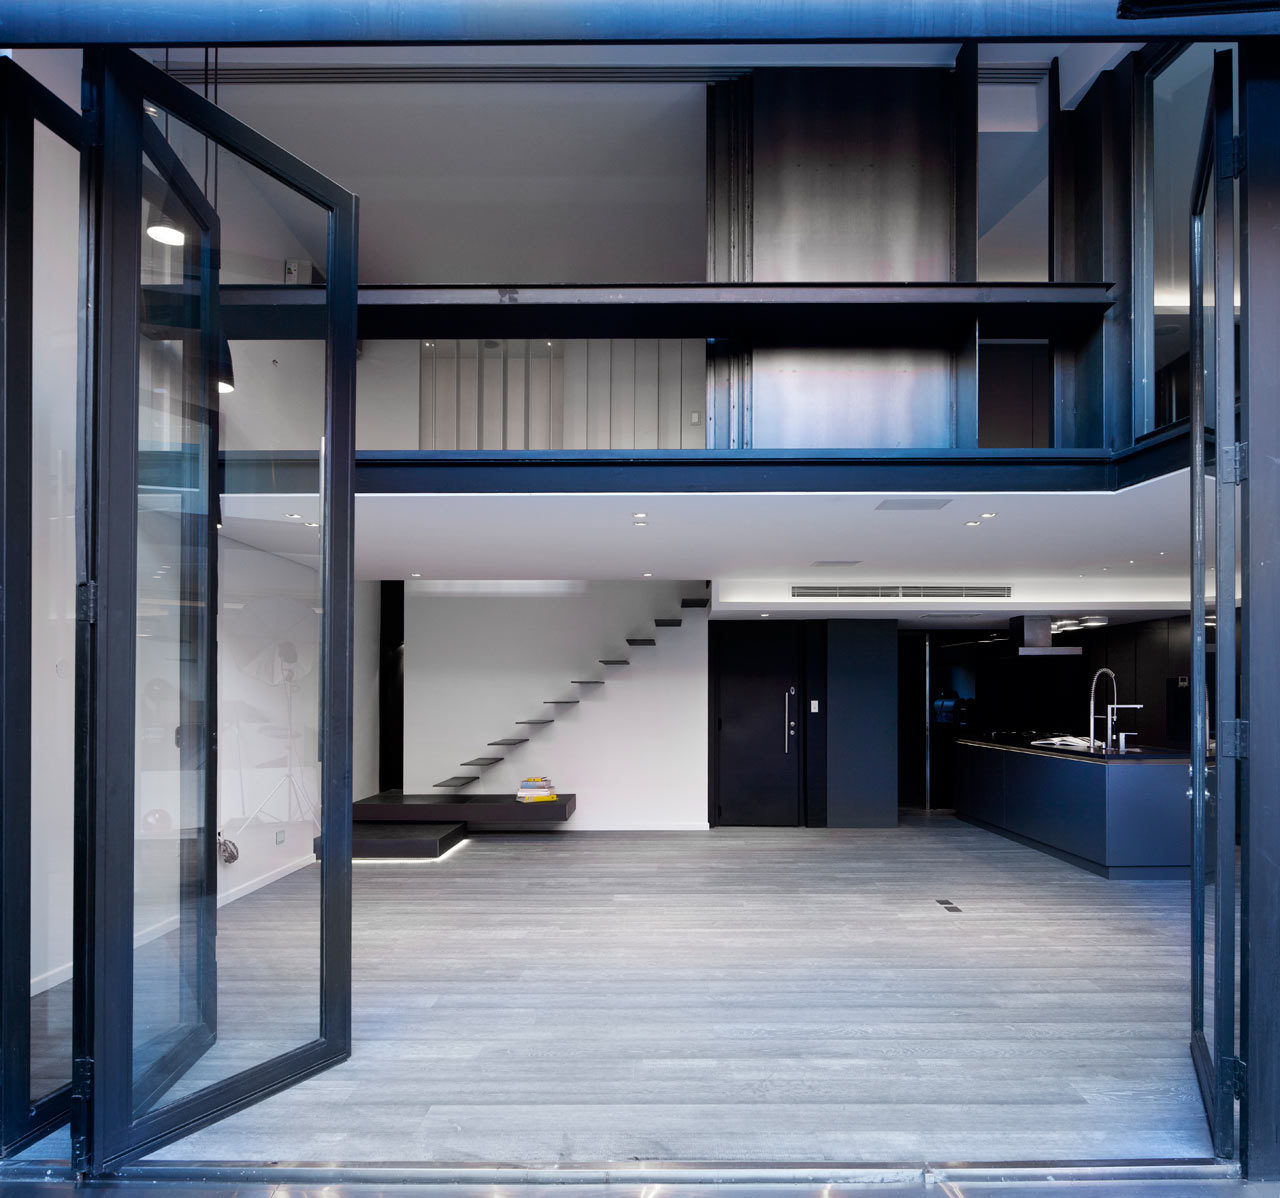 دکوراسیون متفاوت آپارتمان بازسازی شده